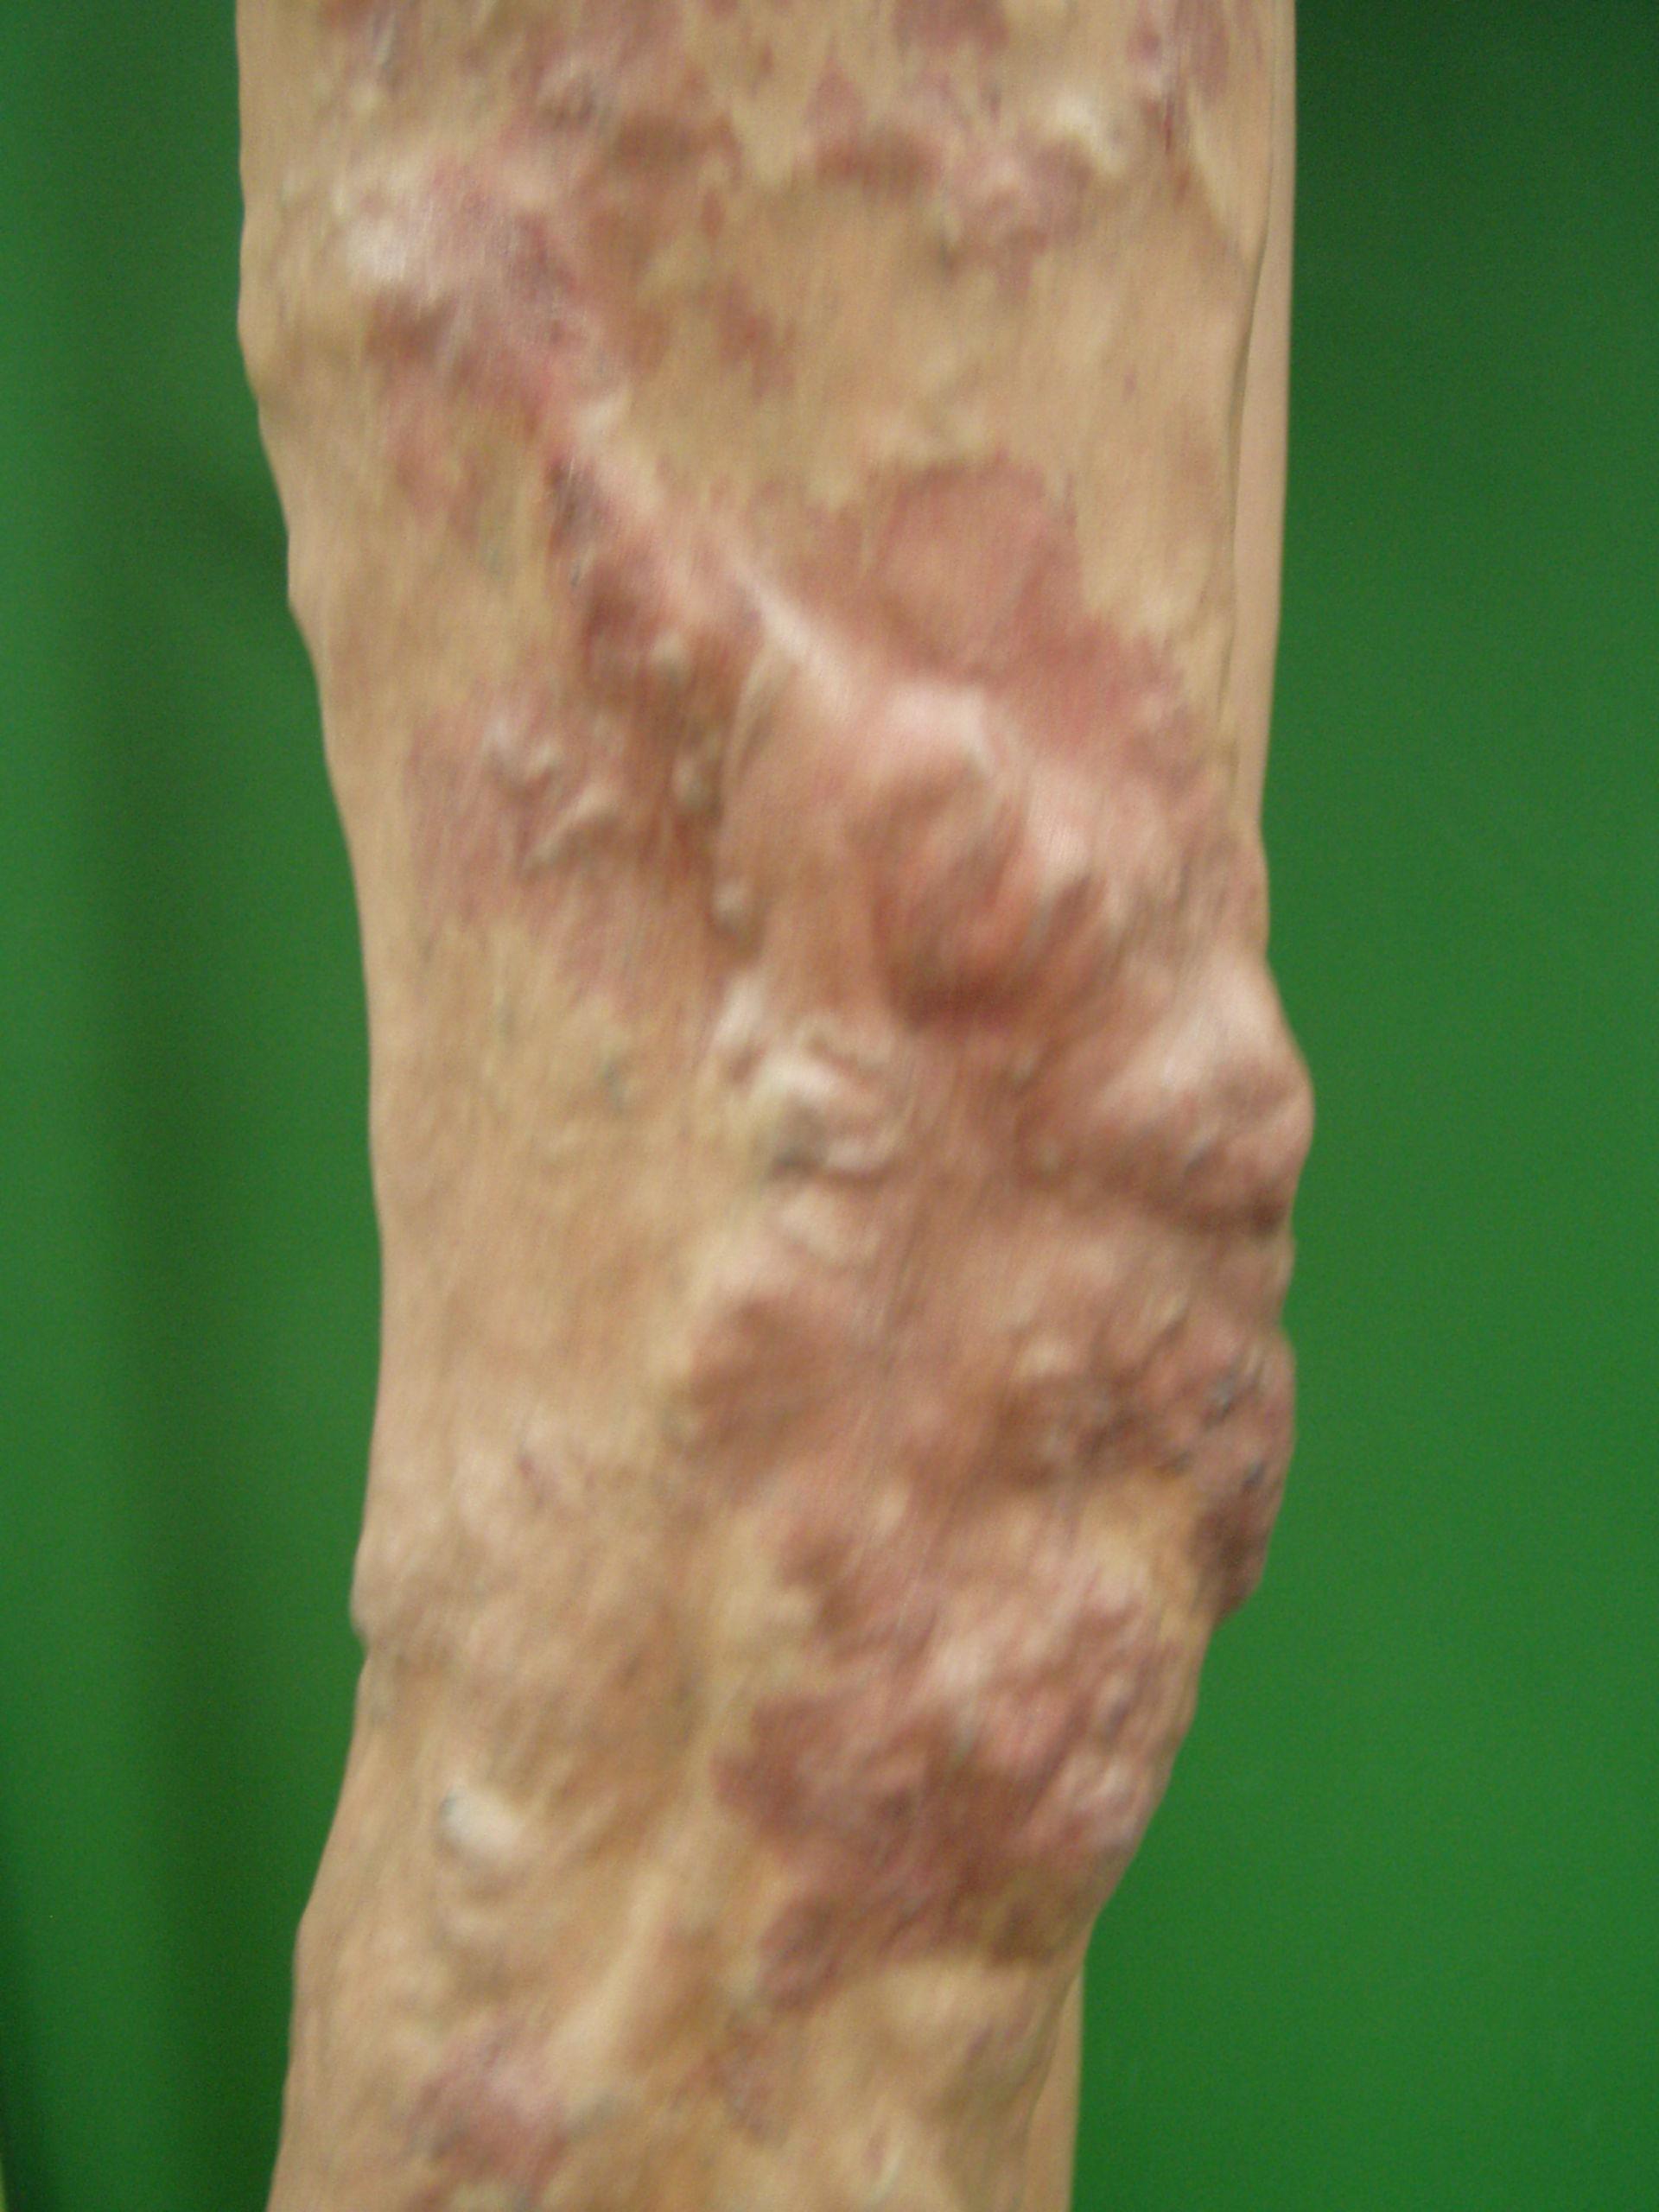 Klippel-Trénaunay-Syndrom 2